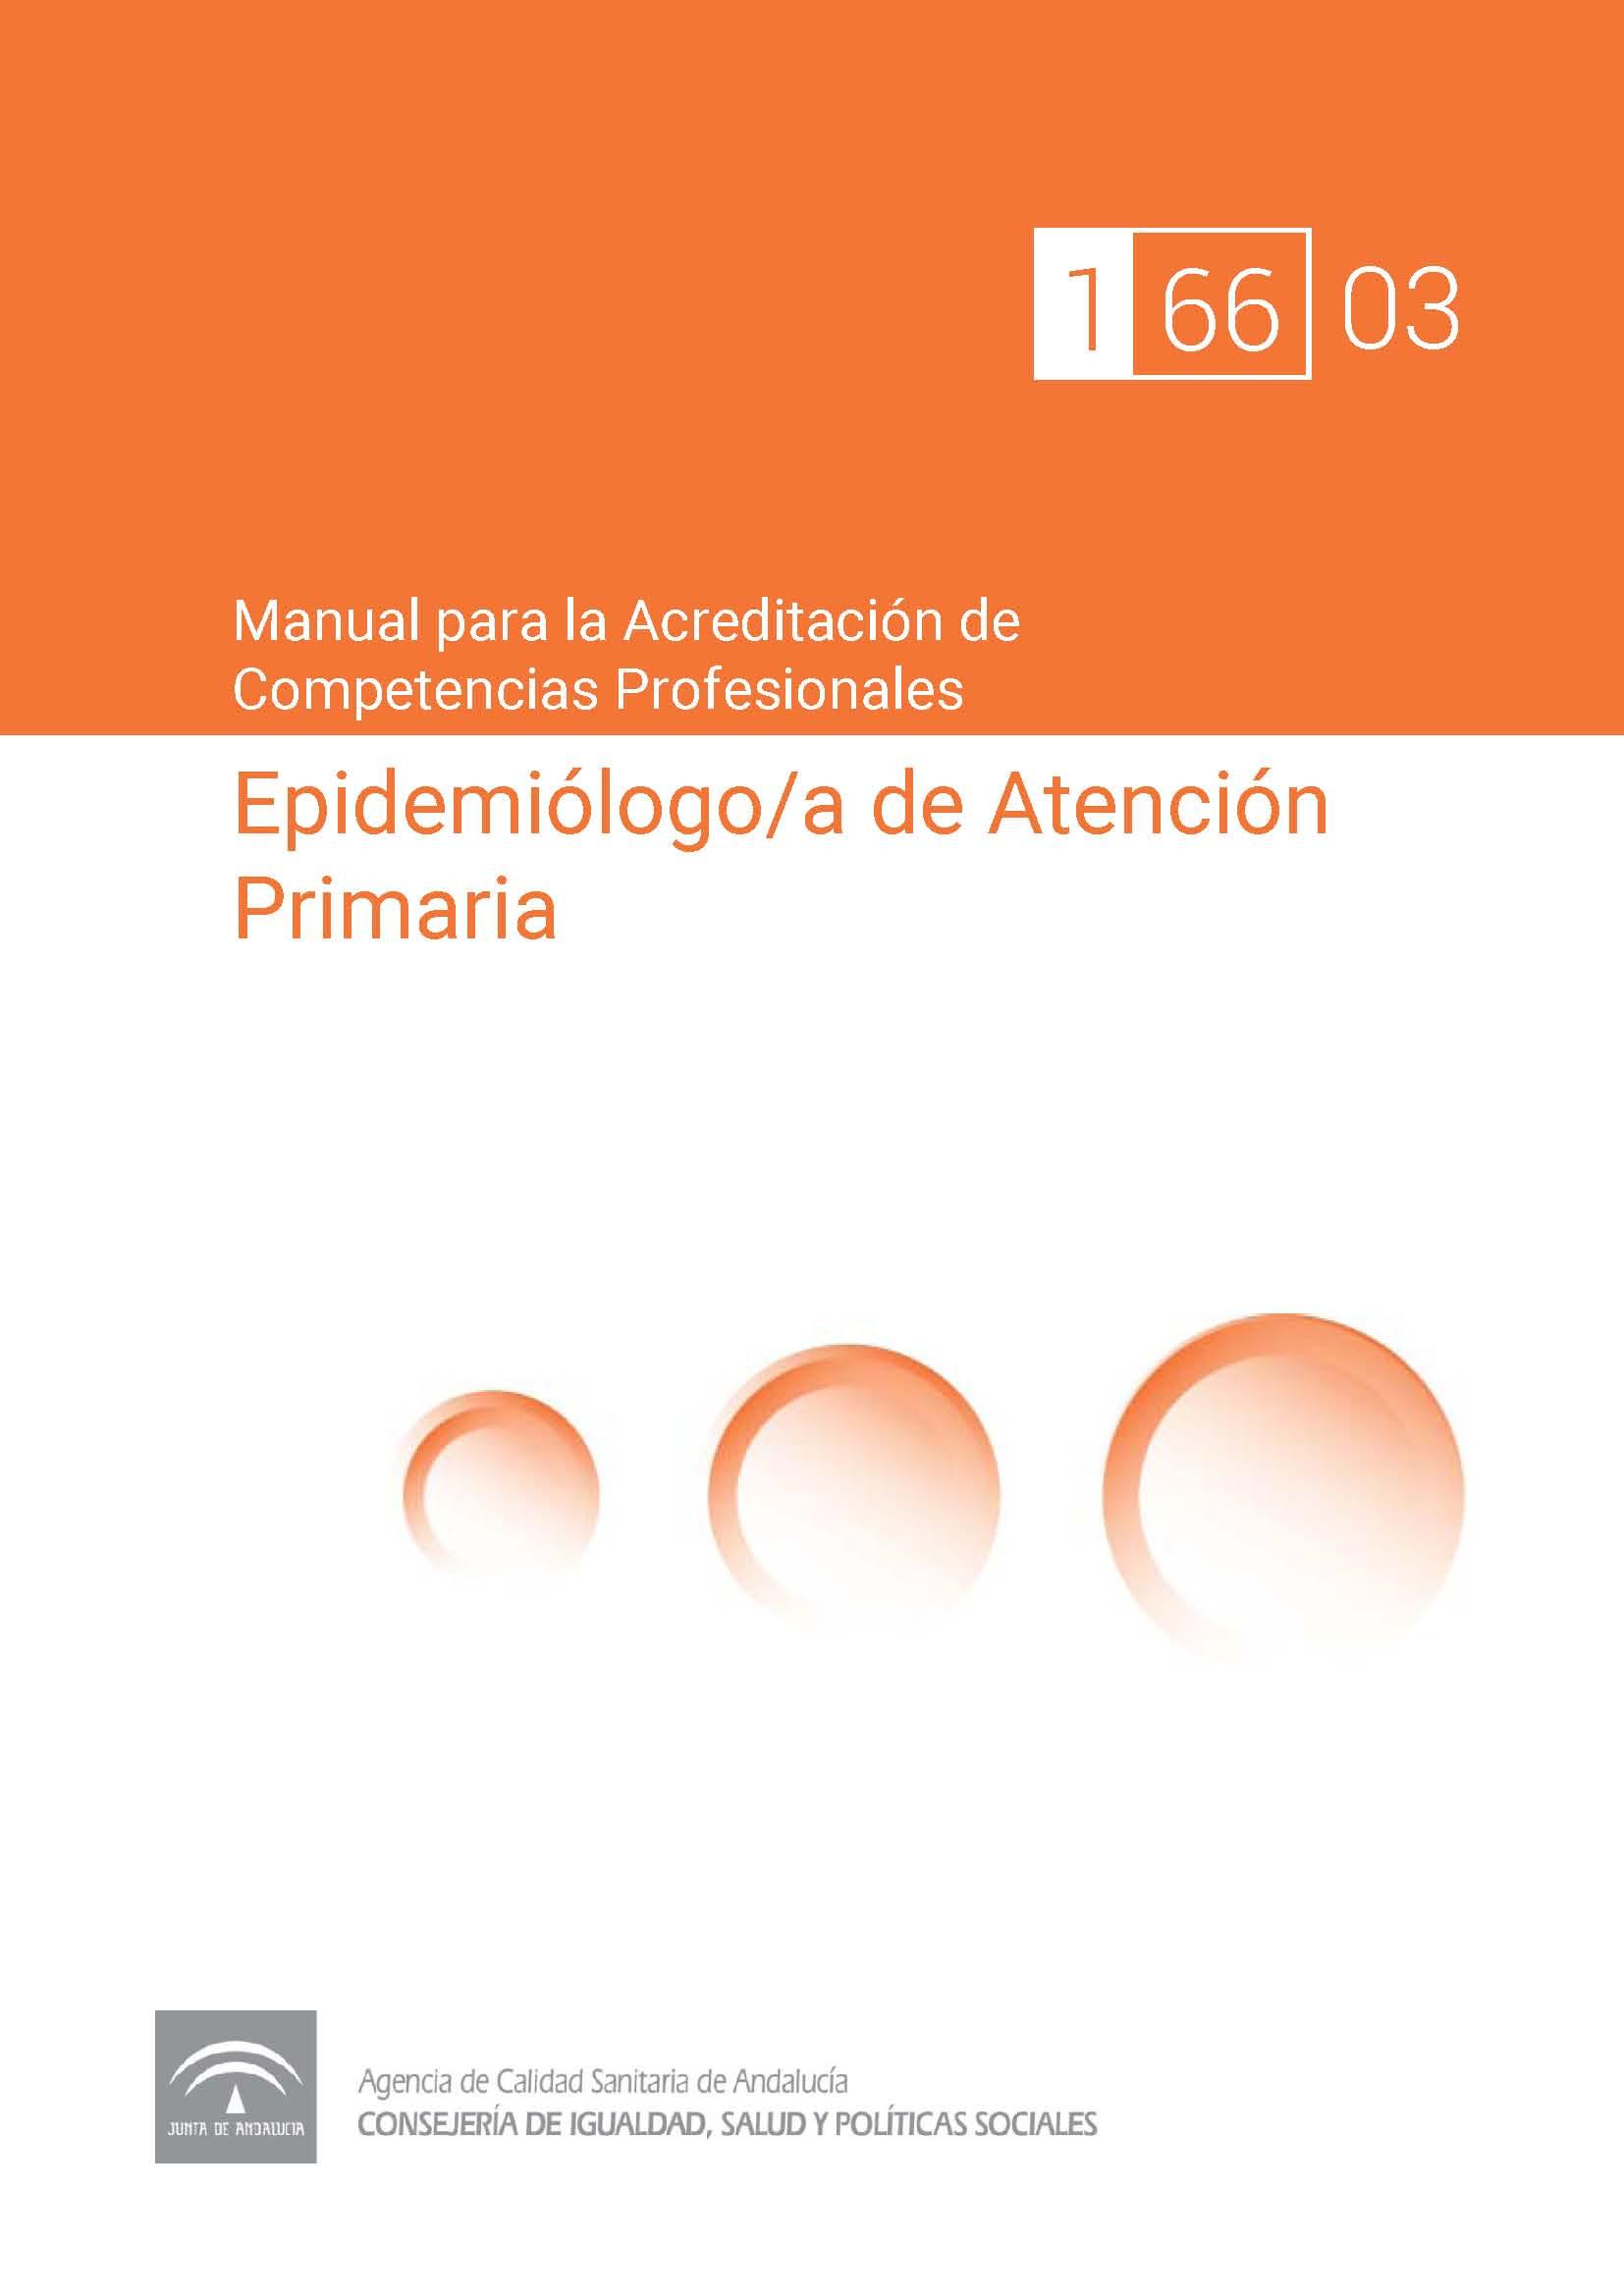 Manual de competencias profesionales del/de la Epidemiólogo/a de Atención Primaria